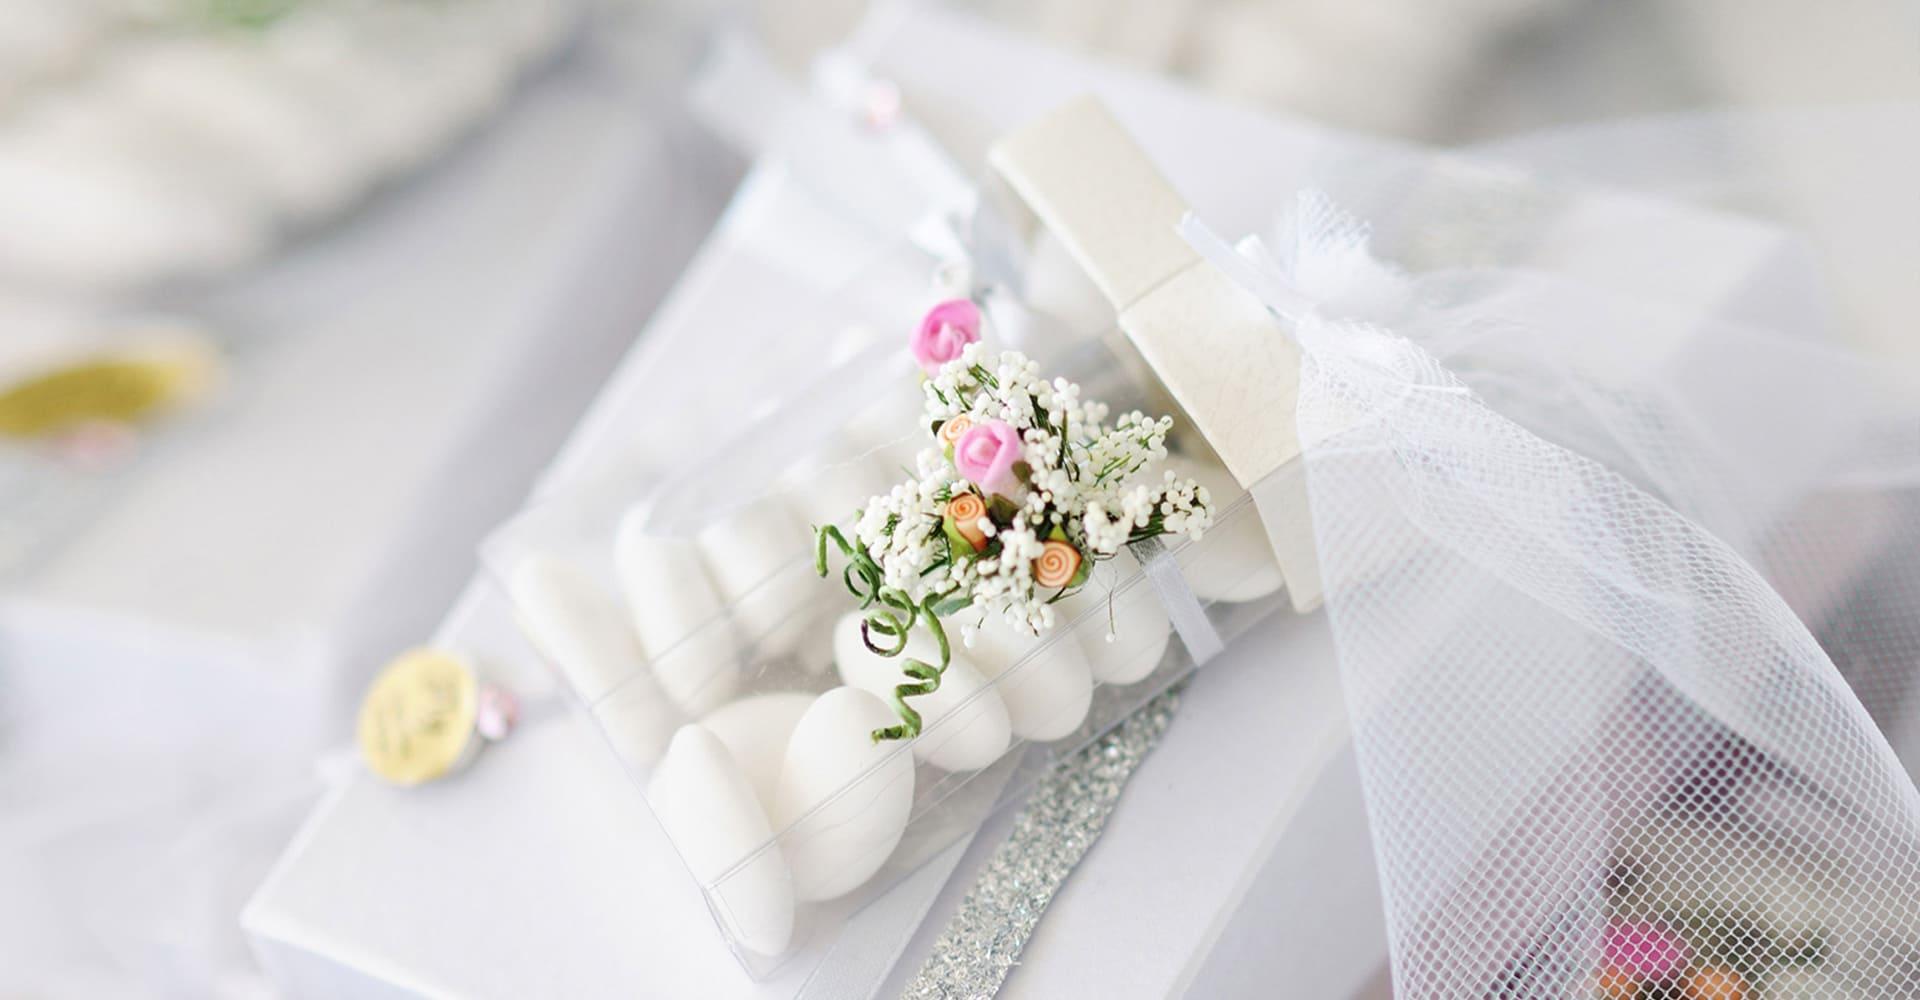 A Reggio Calabria le bomboniere di nozze e matrimonio